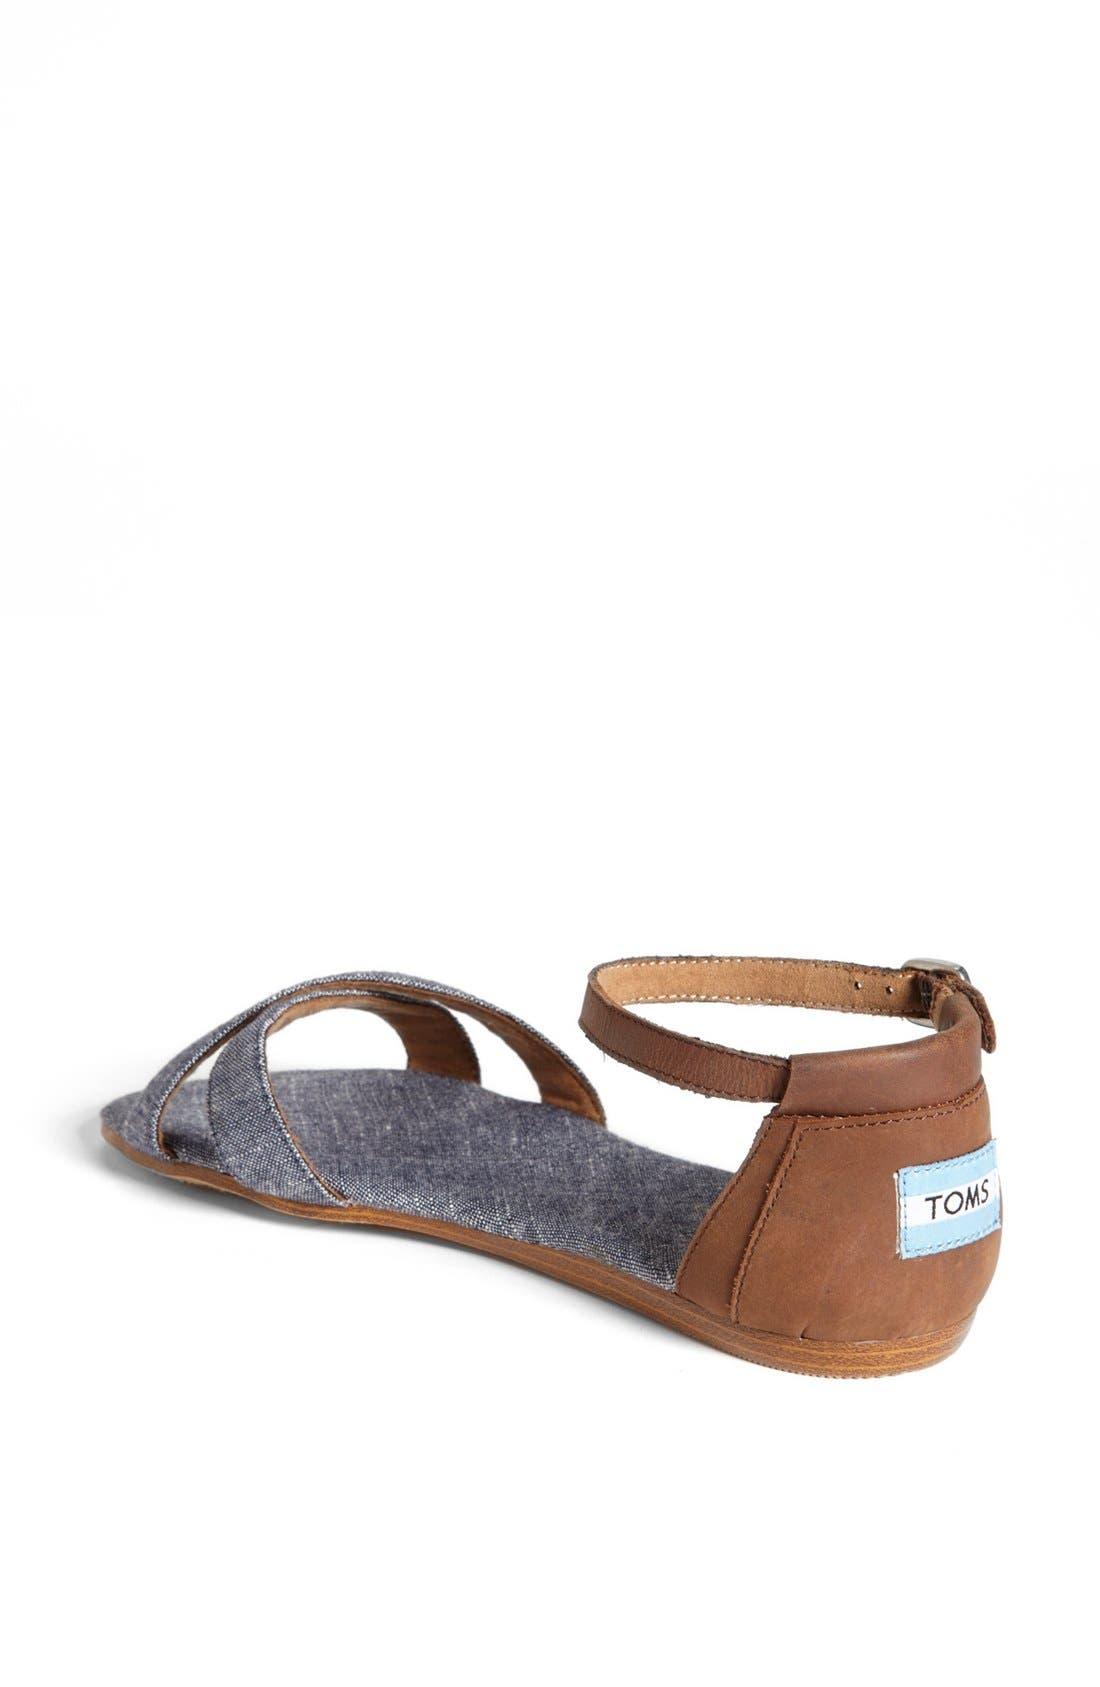 Alternate Image 2  - TOMS 'Correa' Ankle Strap Flat Sandal